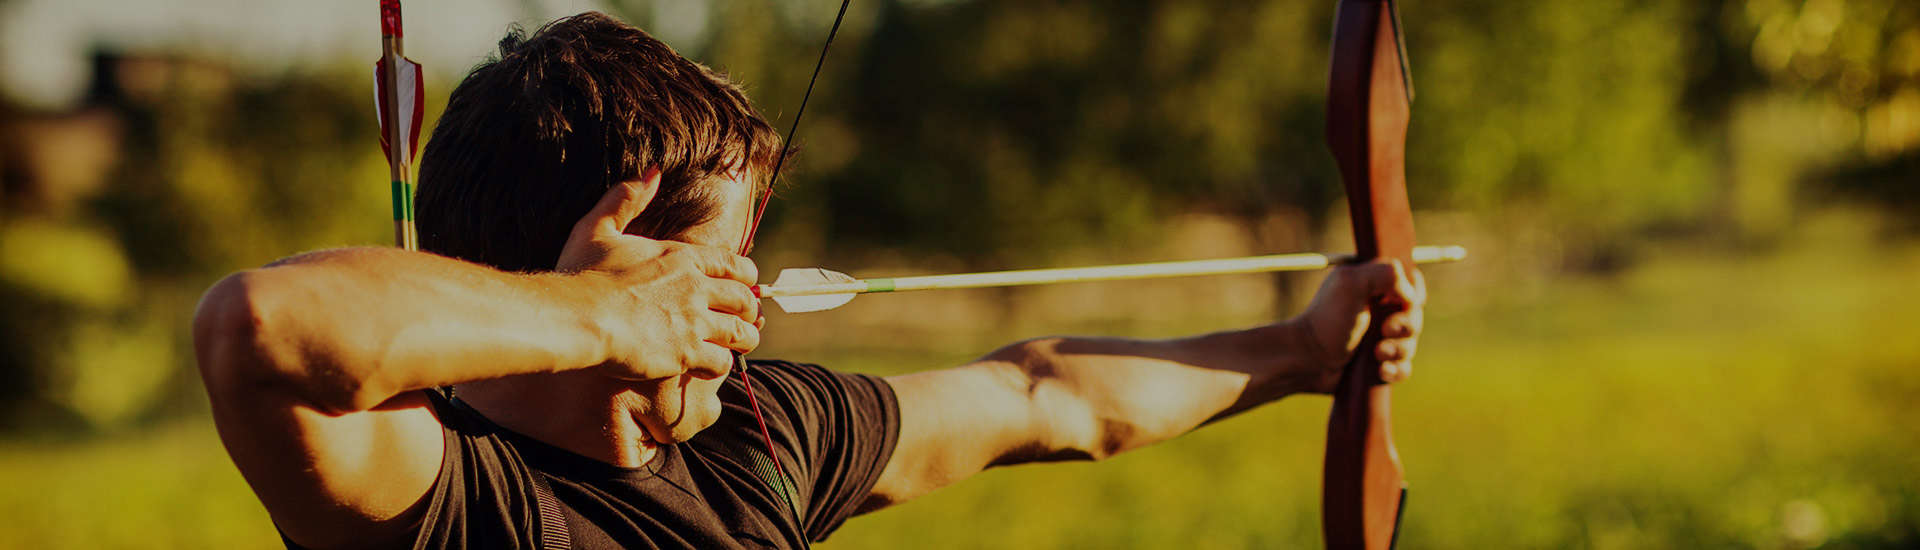 Robin Hood's Revenge